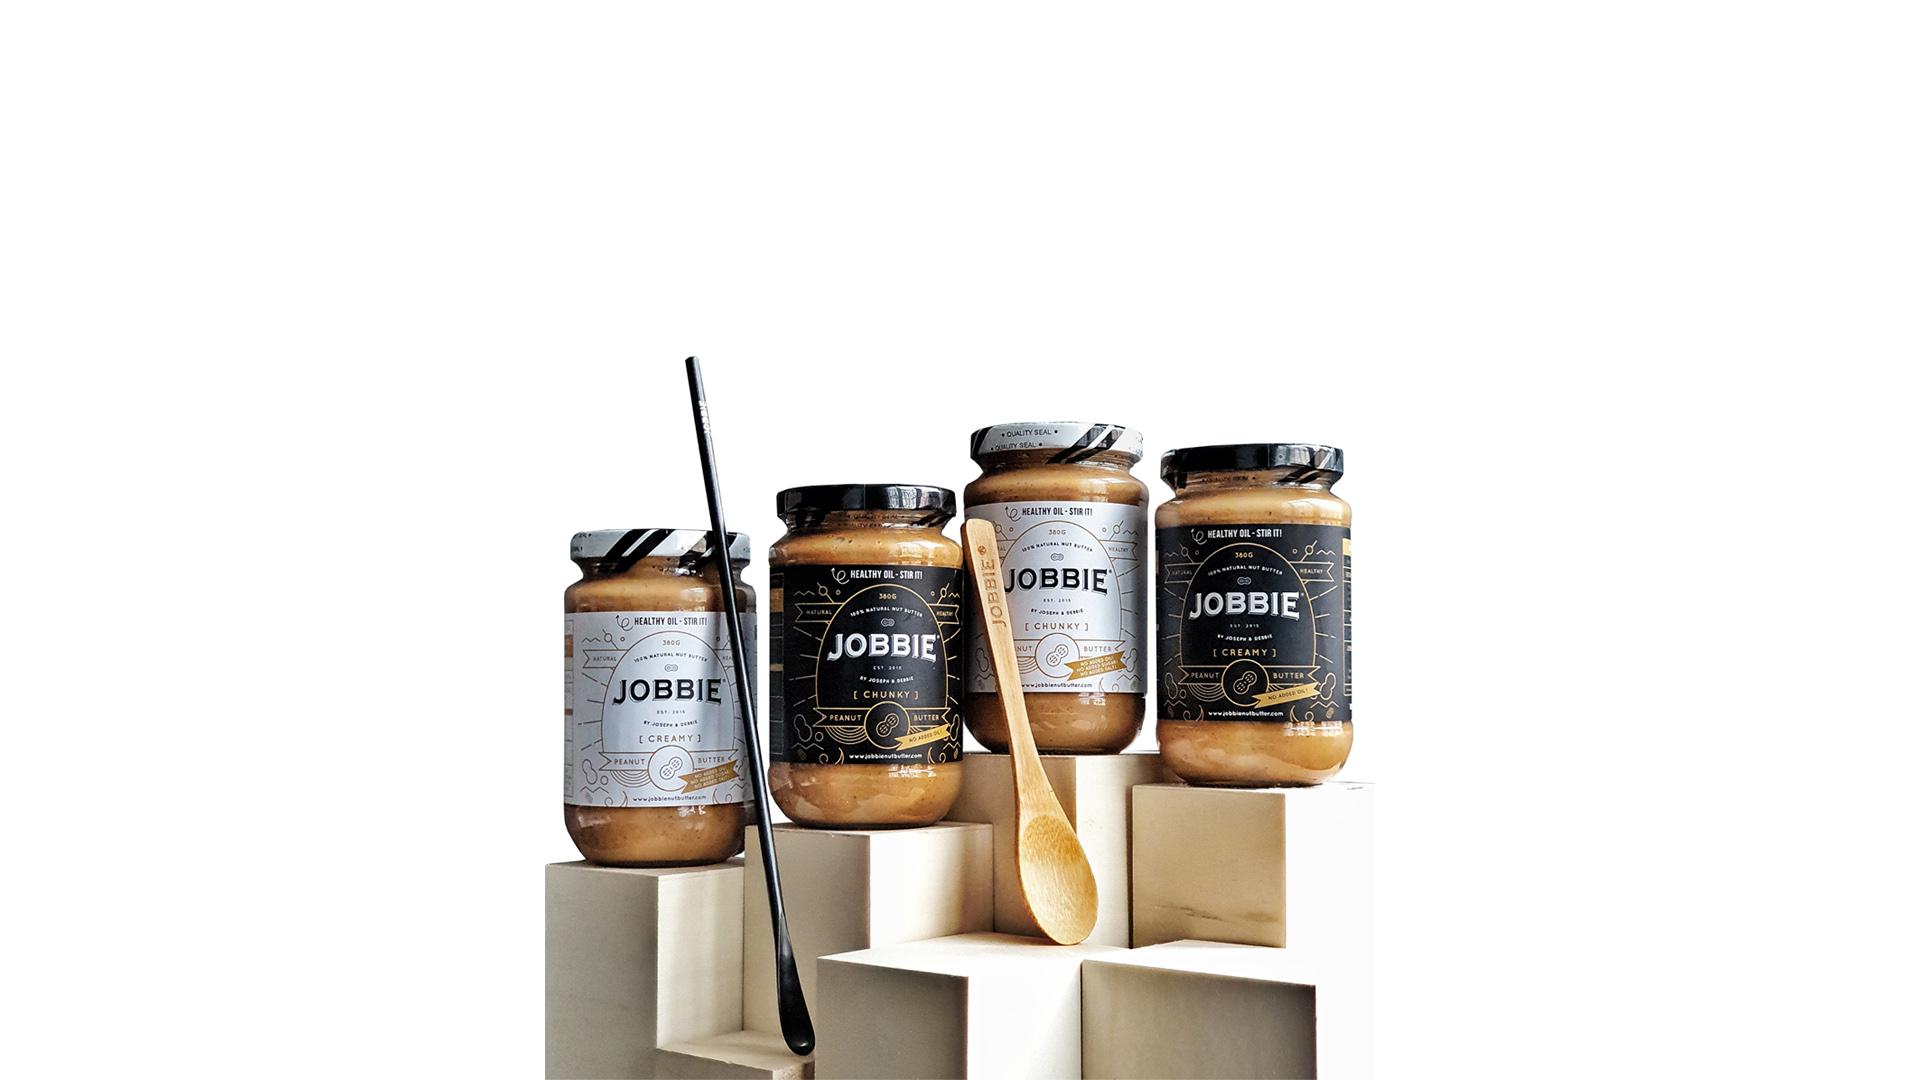 JOBBIE NUT BUTTER - Get natural peanut butter delivered to your doorstep | 18% off Jobbie Starter Kit